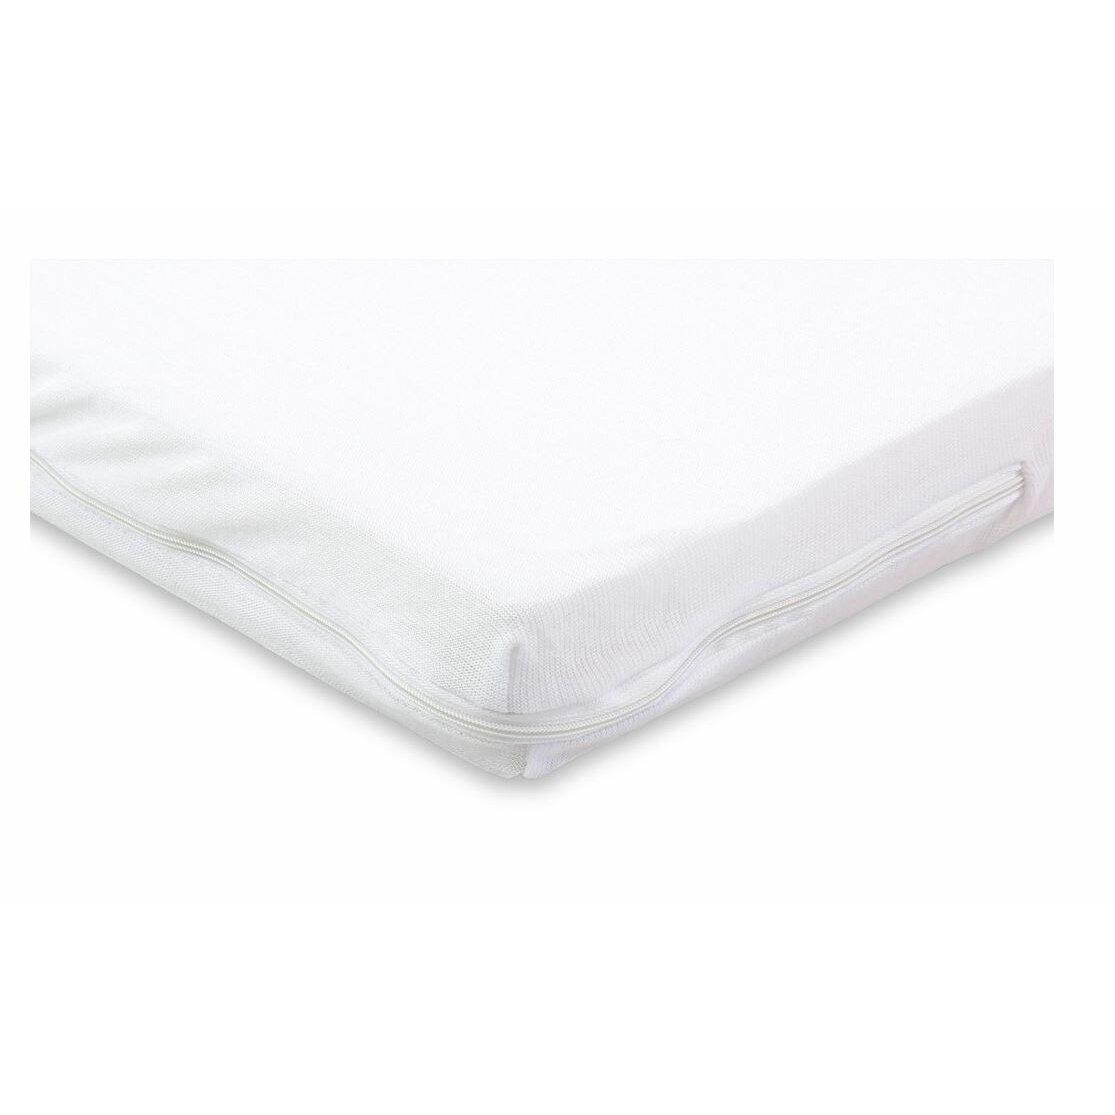 mss e k viscoelastische matratzenauflage handy bewertungen. Black Bedroom Furniture Sets. Home Design Ideas